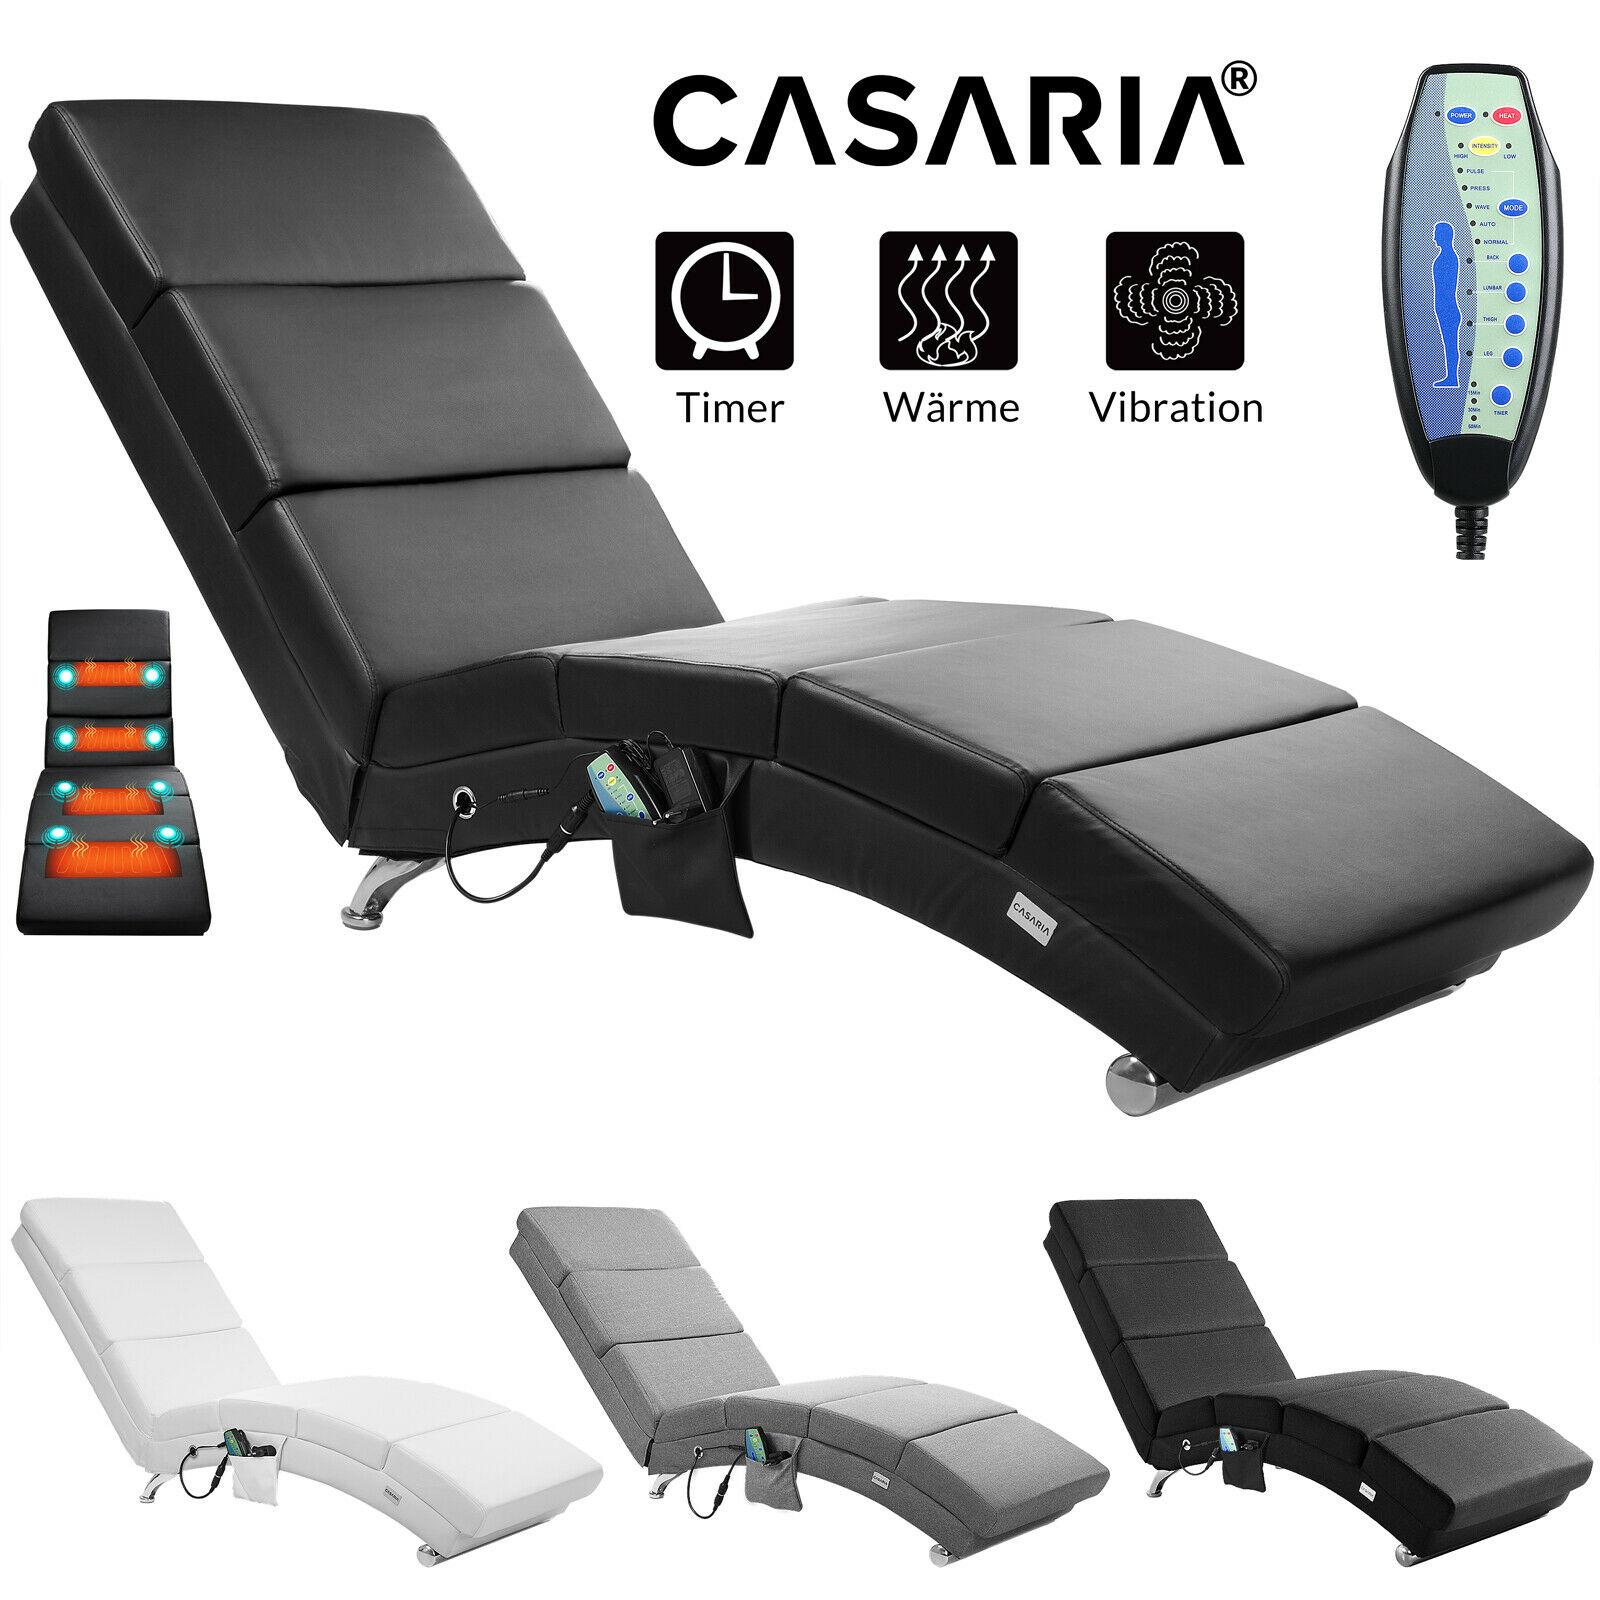 Full Size of Relax Liegestuhl Wohnzimmer Designer Ikea Mcombo Massagesessel Fernsehsessel Relaxsessel Heizung Deckenleuchten Garten Teppiche Led Lampen Stehlampen Wohnzimmer Wohnzimmer Liegestuhl